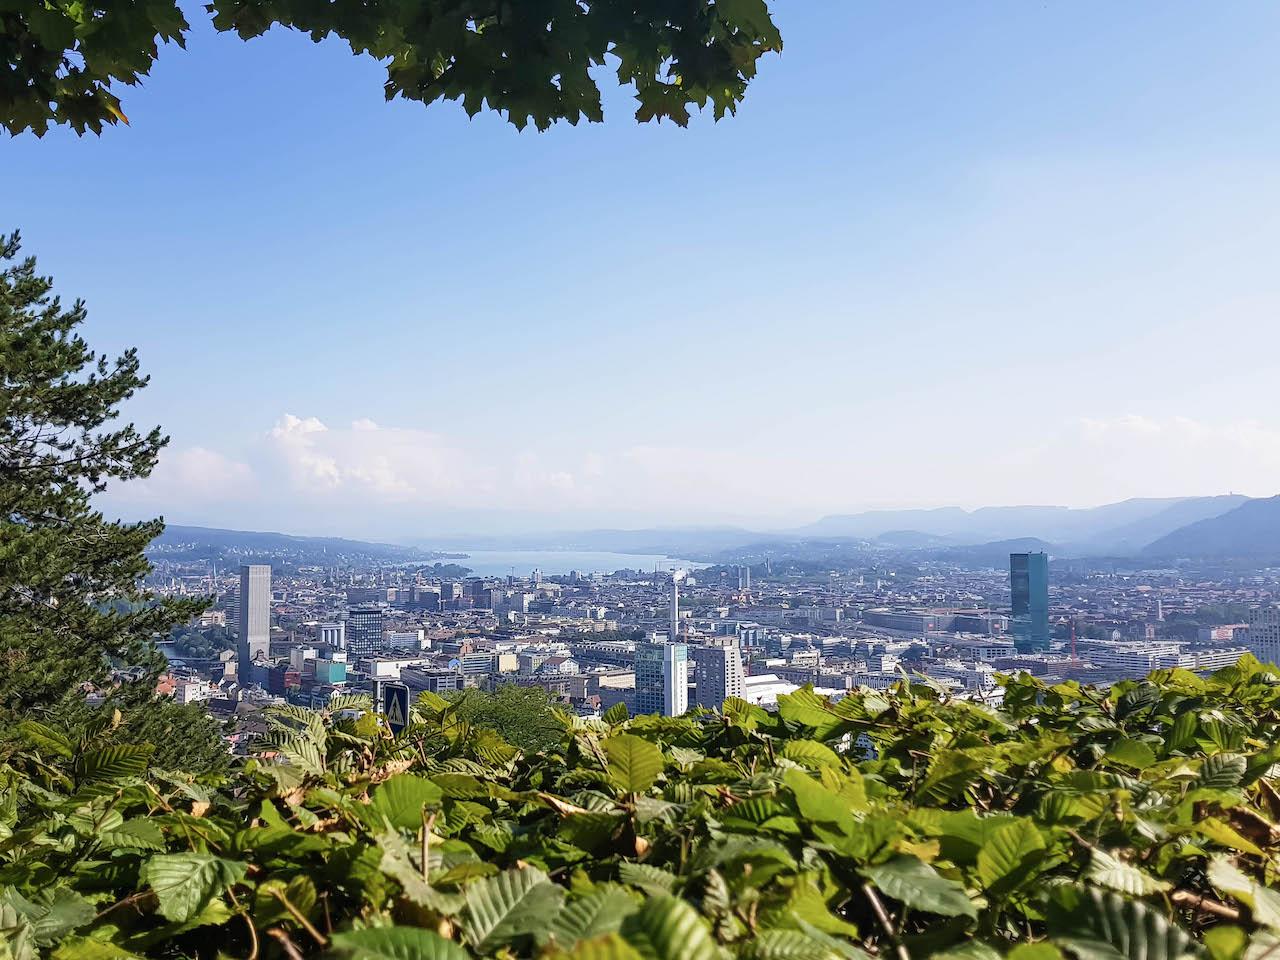 Meiner Meinung nach der schönste Blick über Zürich: Vom Käferberg aus.